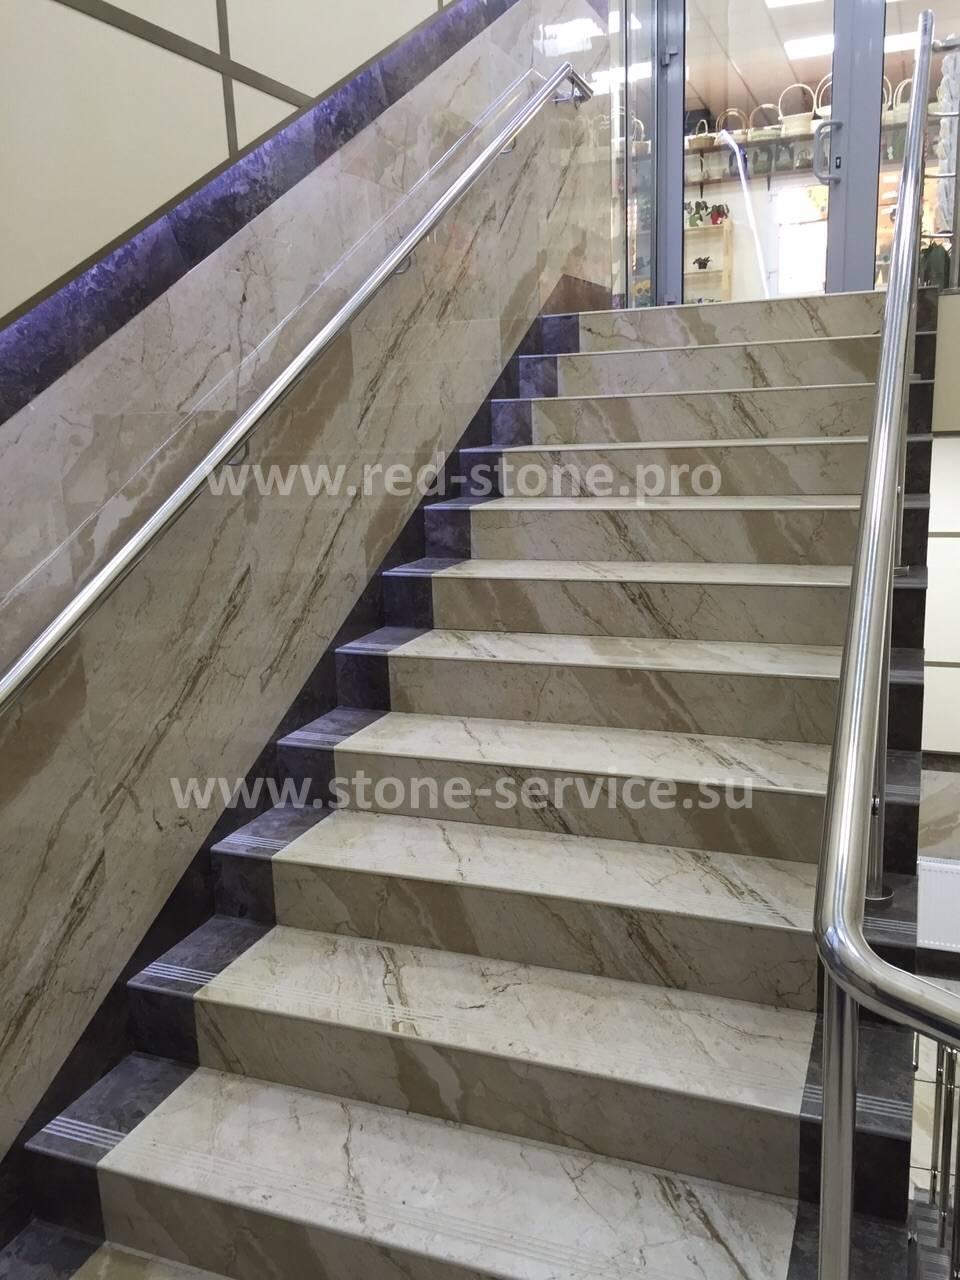 Лестница из керамогранита: надежно укрепляем ступени - все про керамическую плитку